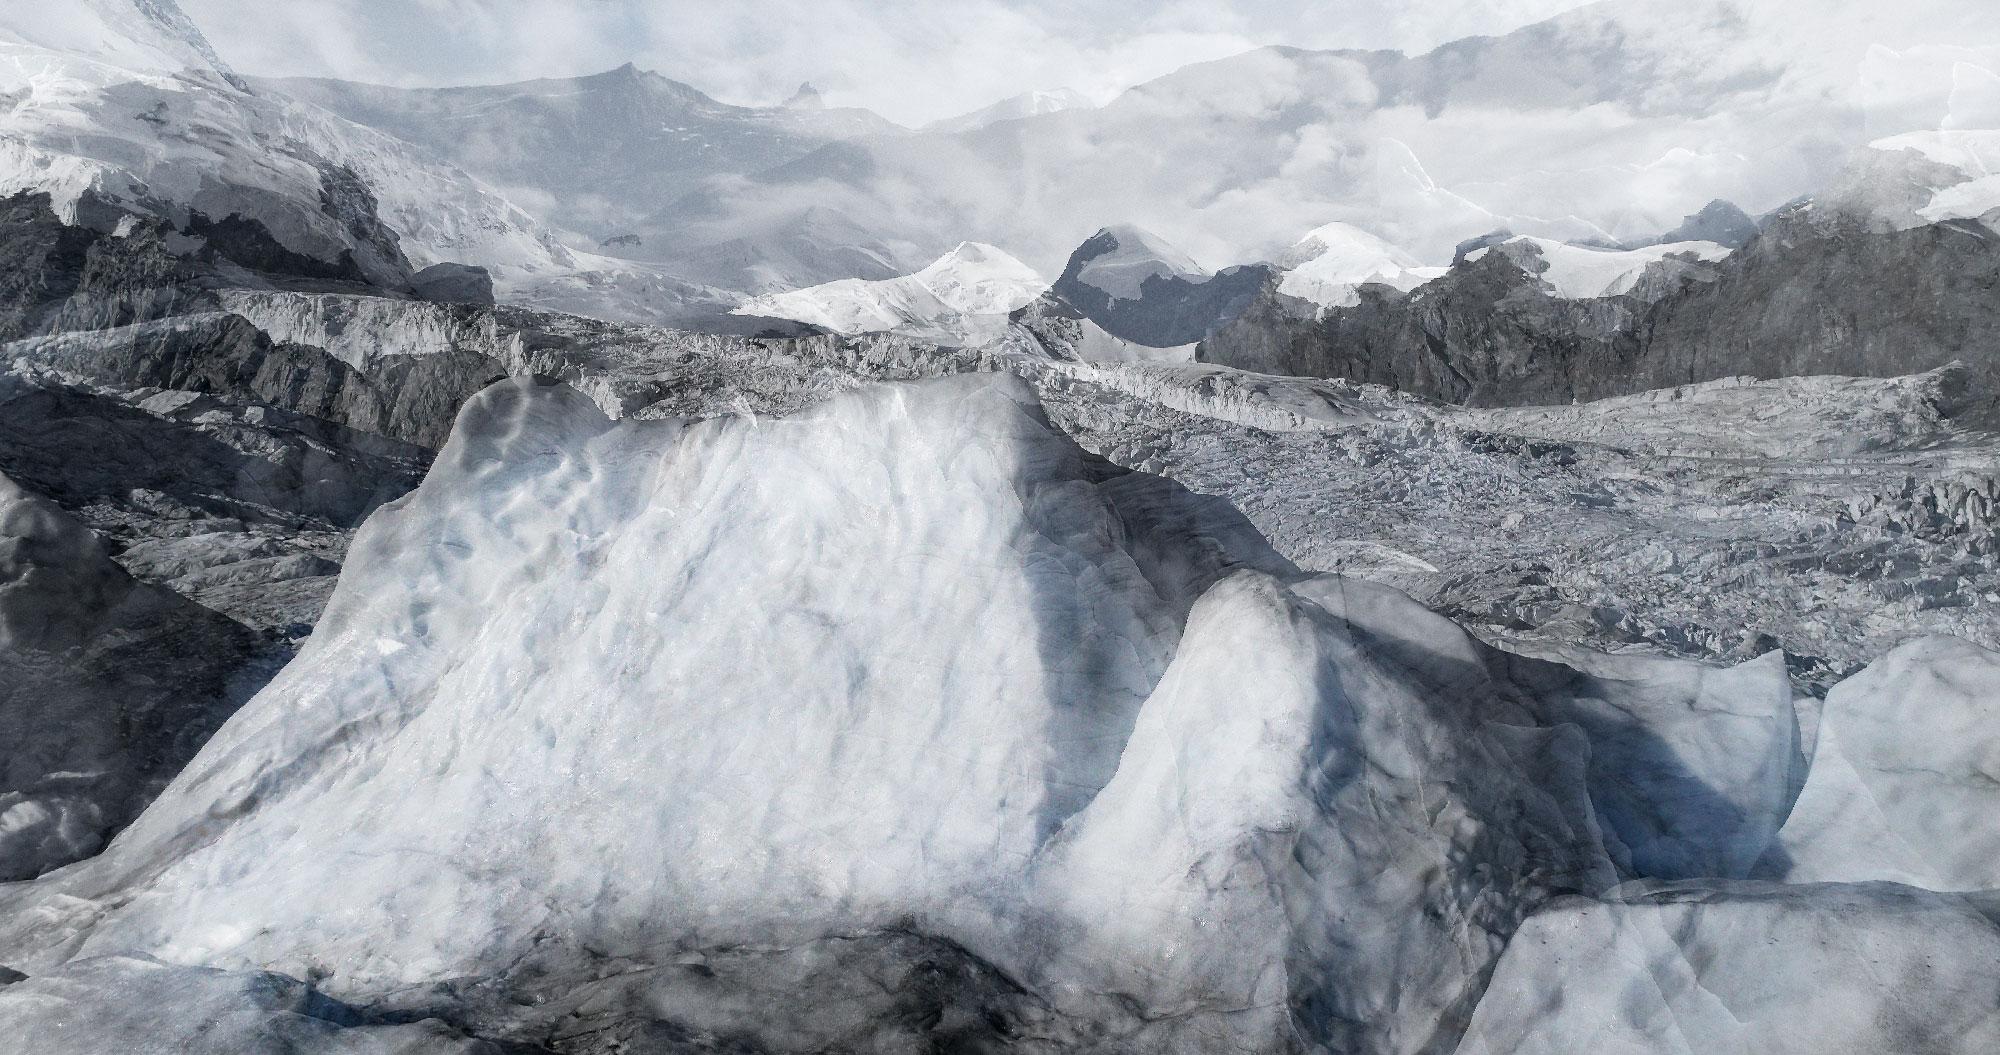 #129 Glaciers offset, 2017, photographie reconstruite à partir de bandes videos, réalisées sur le glacier de Grenzgletscher